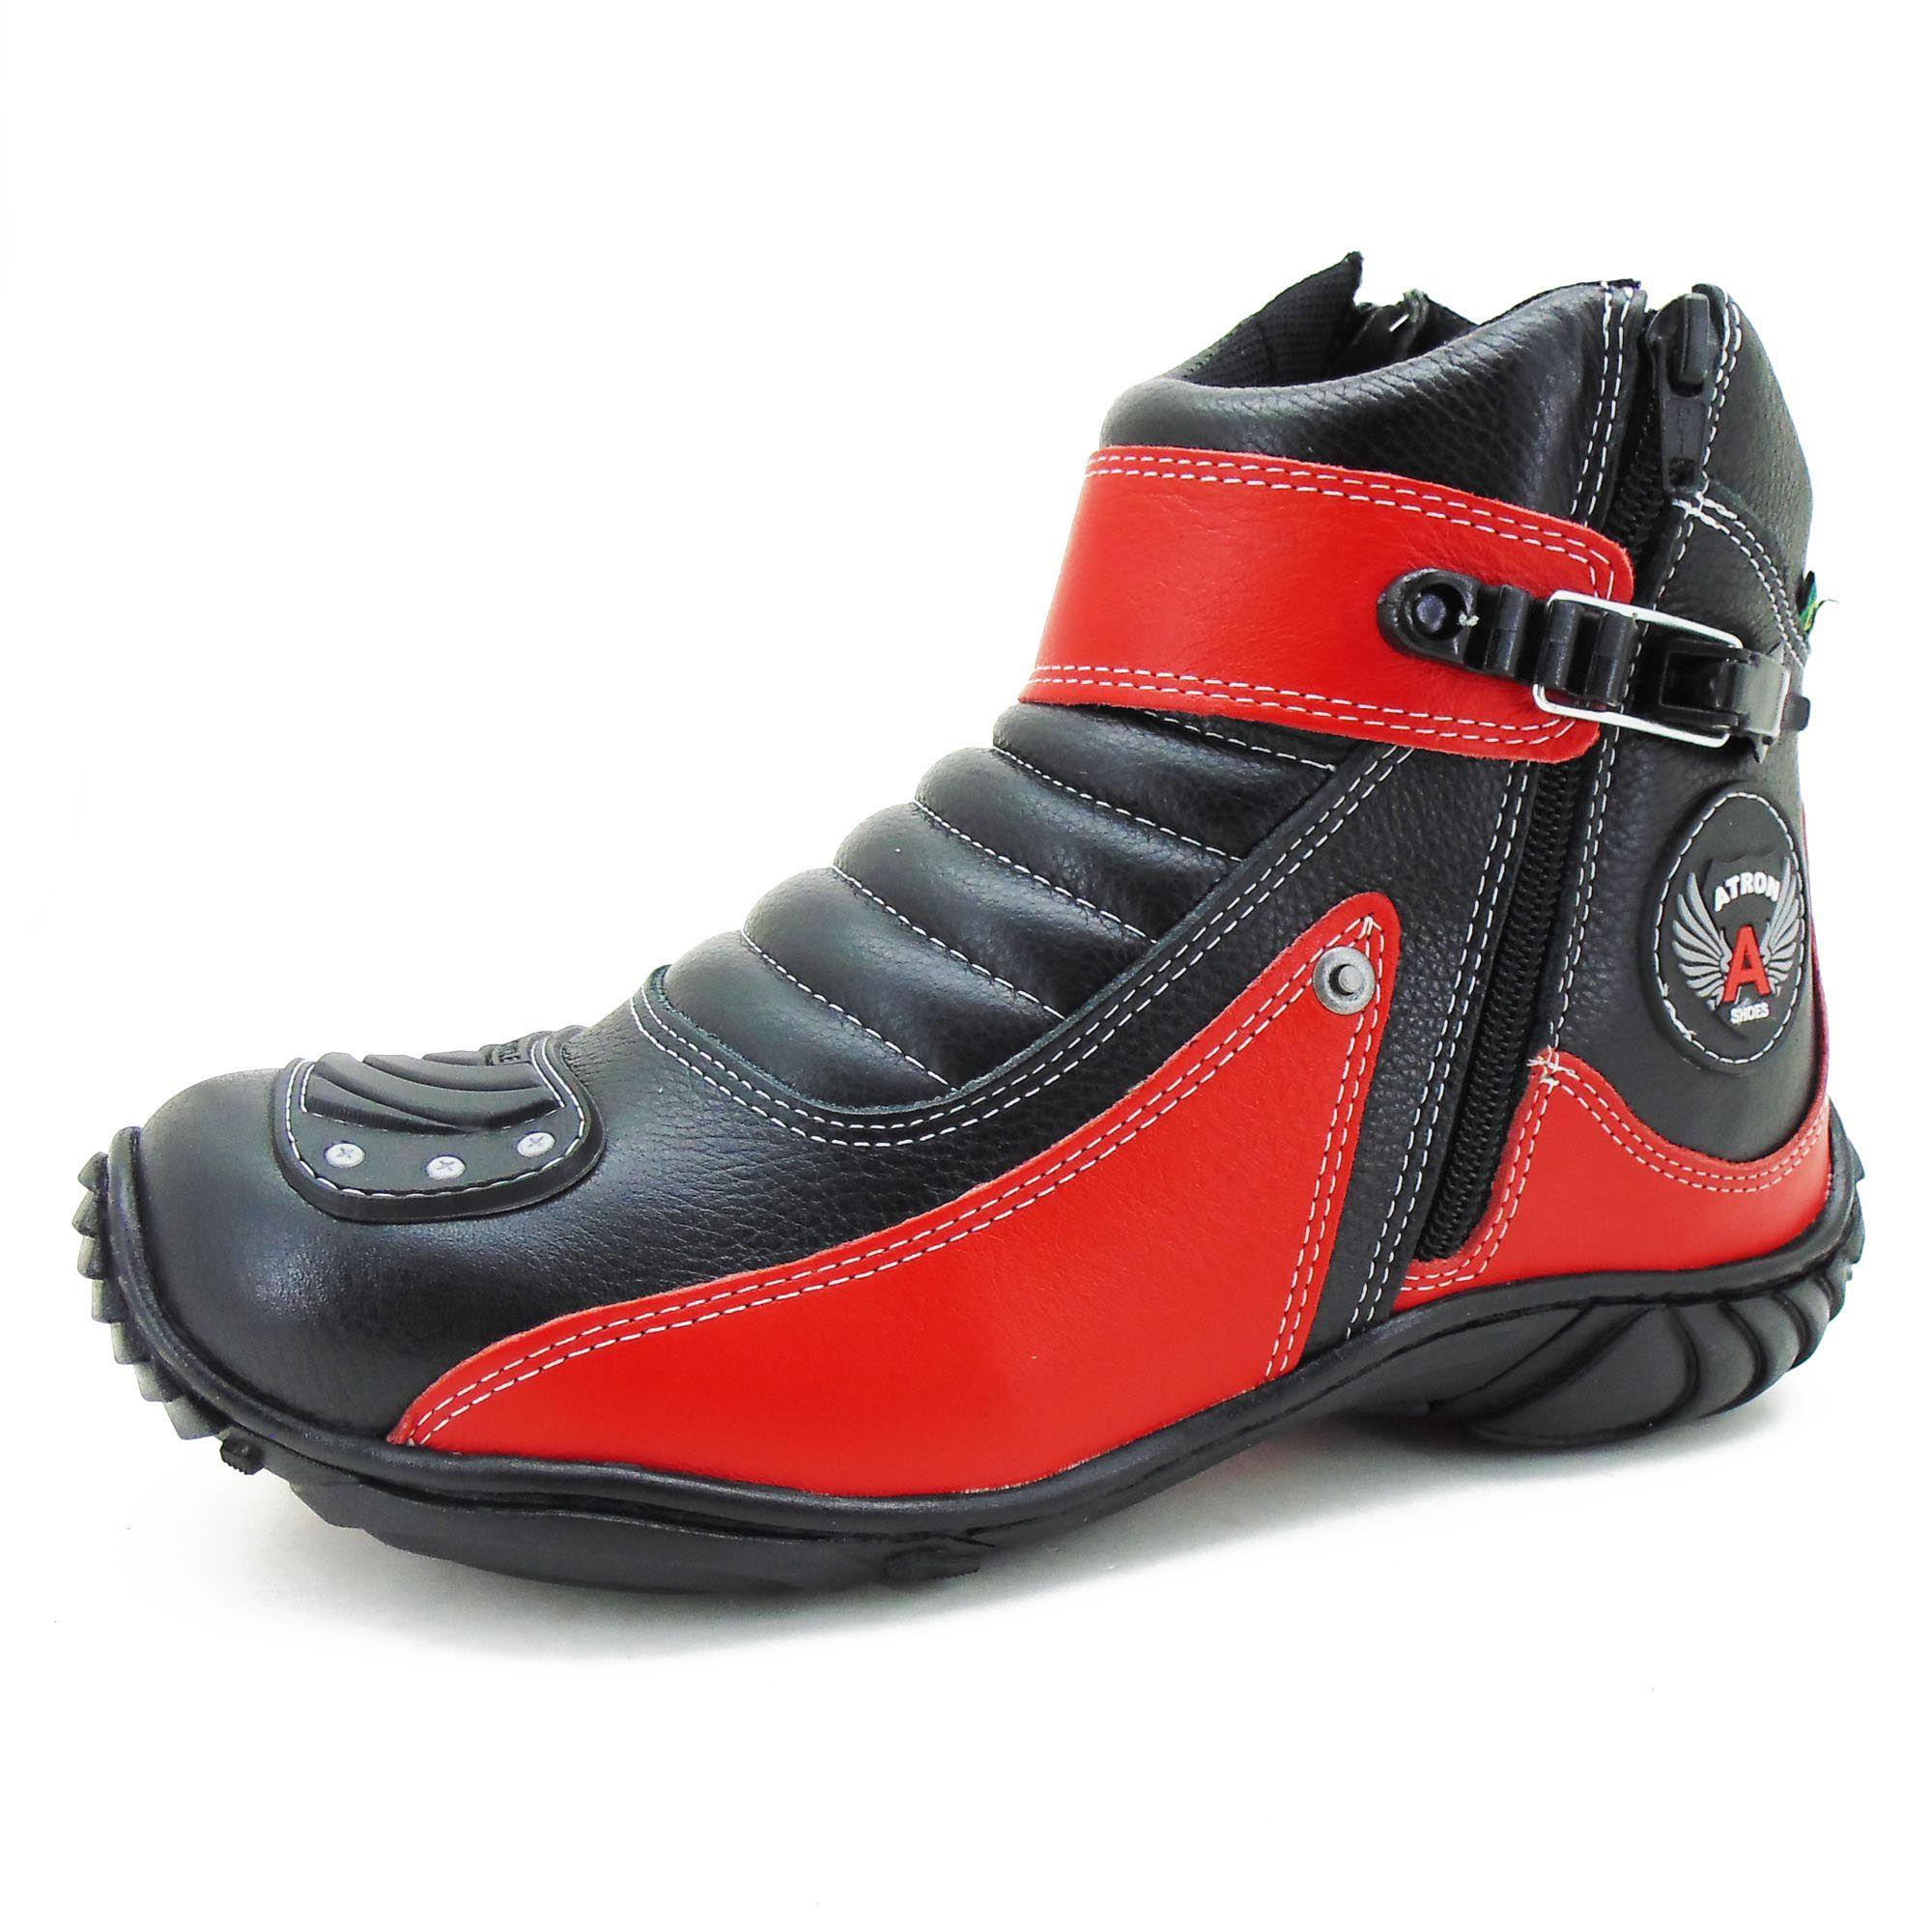 Bota em couro natural semi impermeável preta e vermelha 271 com chinelo estampado - GRATIS UMA CARTEIRA